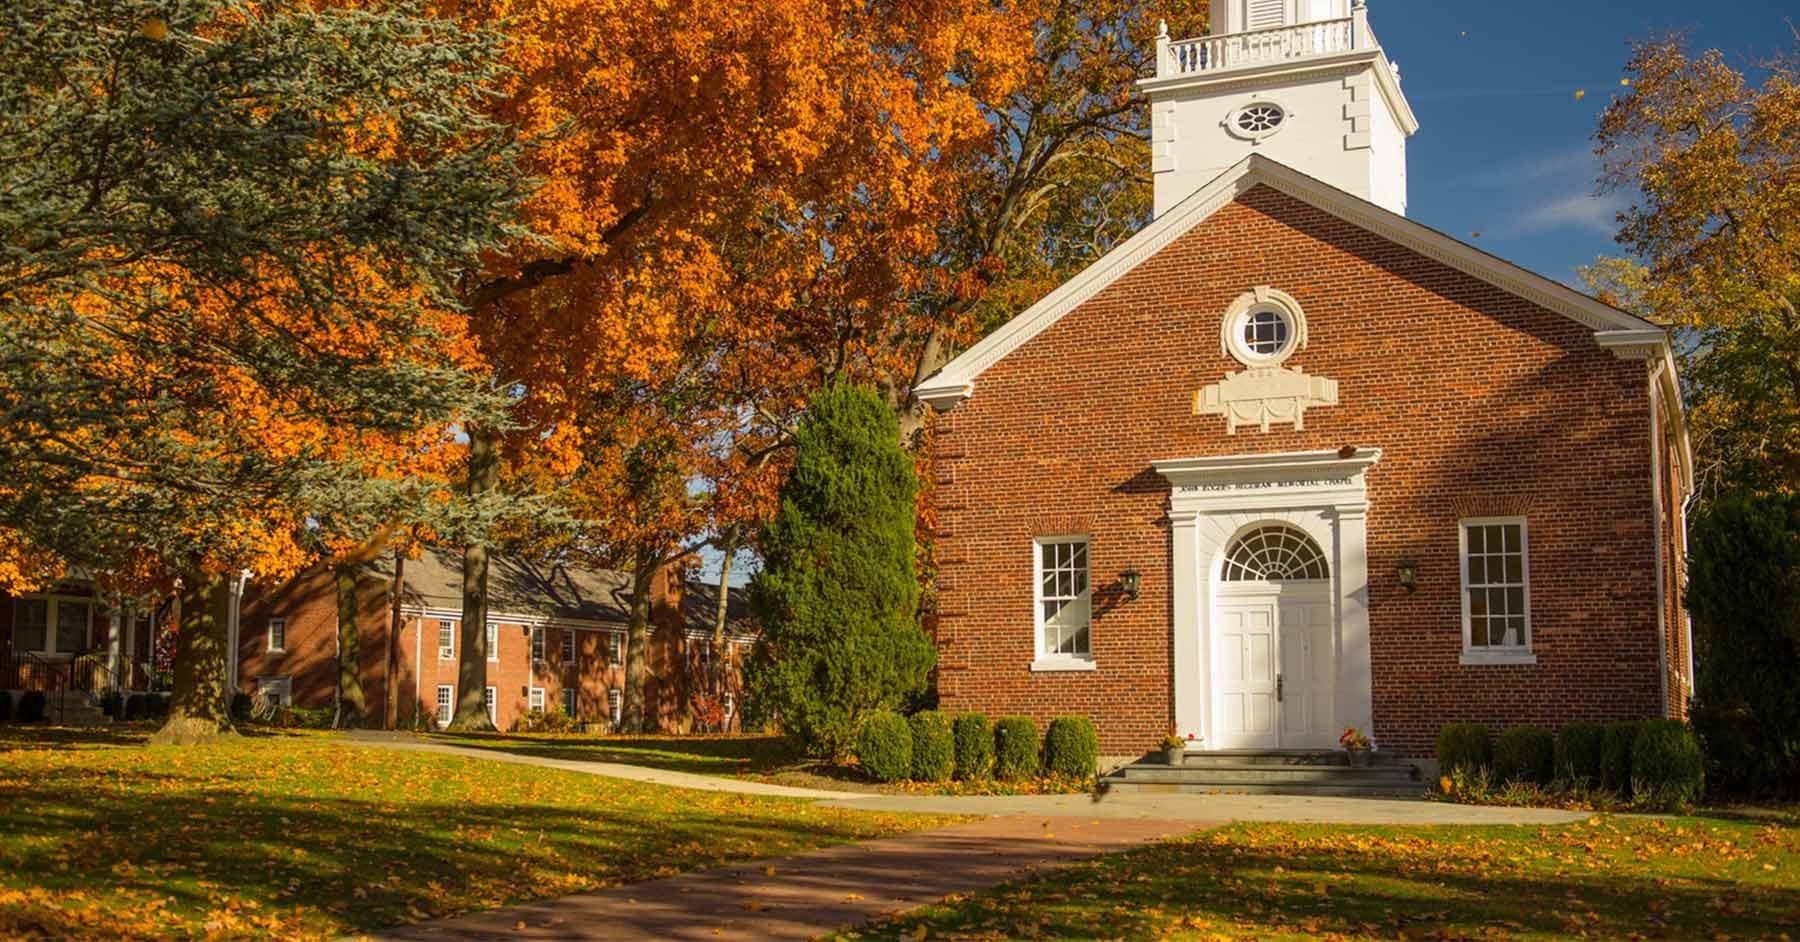 The Stony Brook School in Stony Brook, NY - Niche